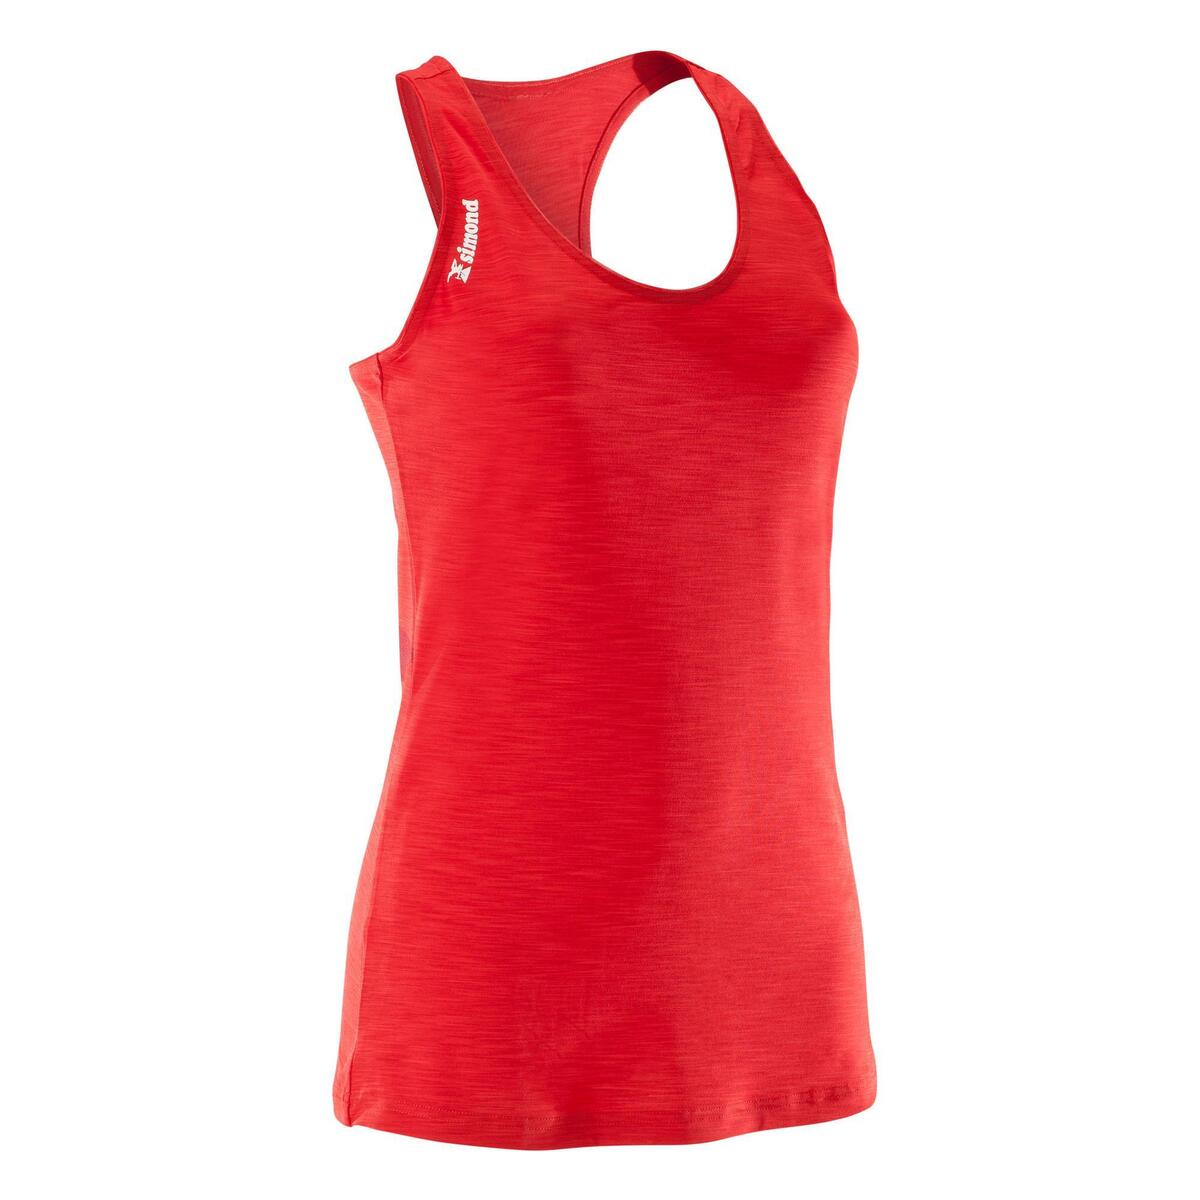 Bild 1 von Technisches Kletter-Top Edge Damen rot